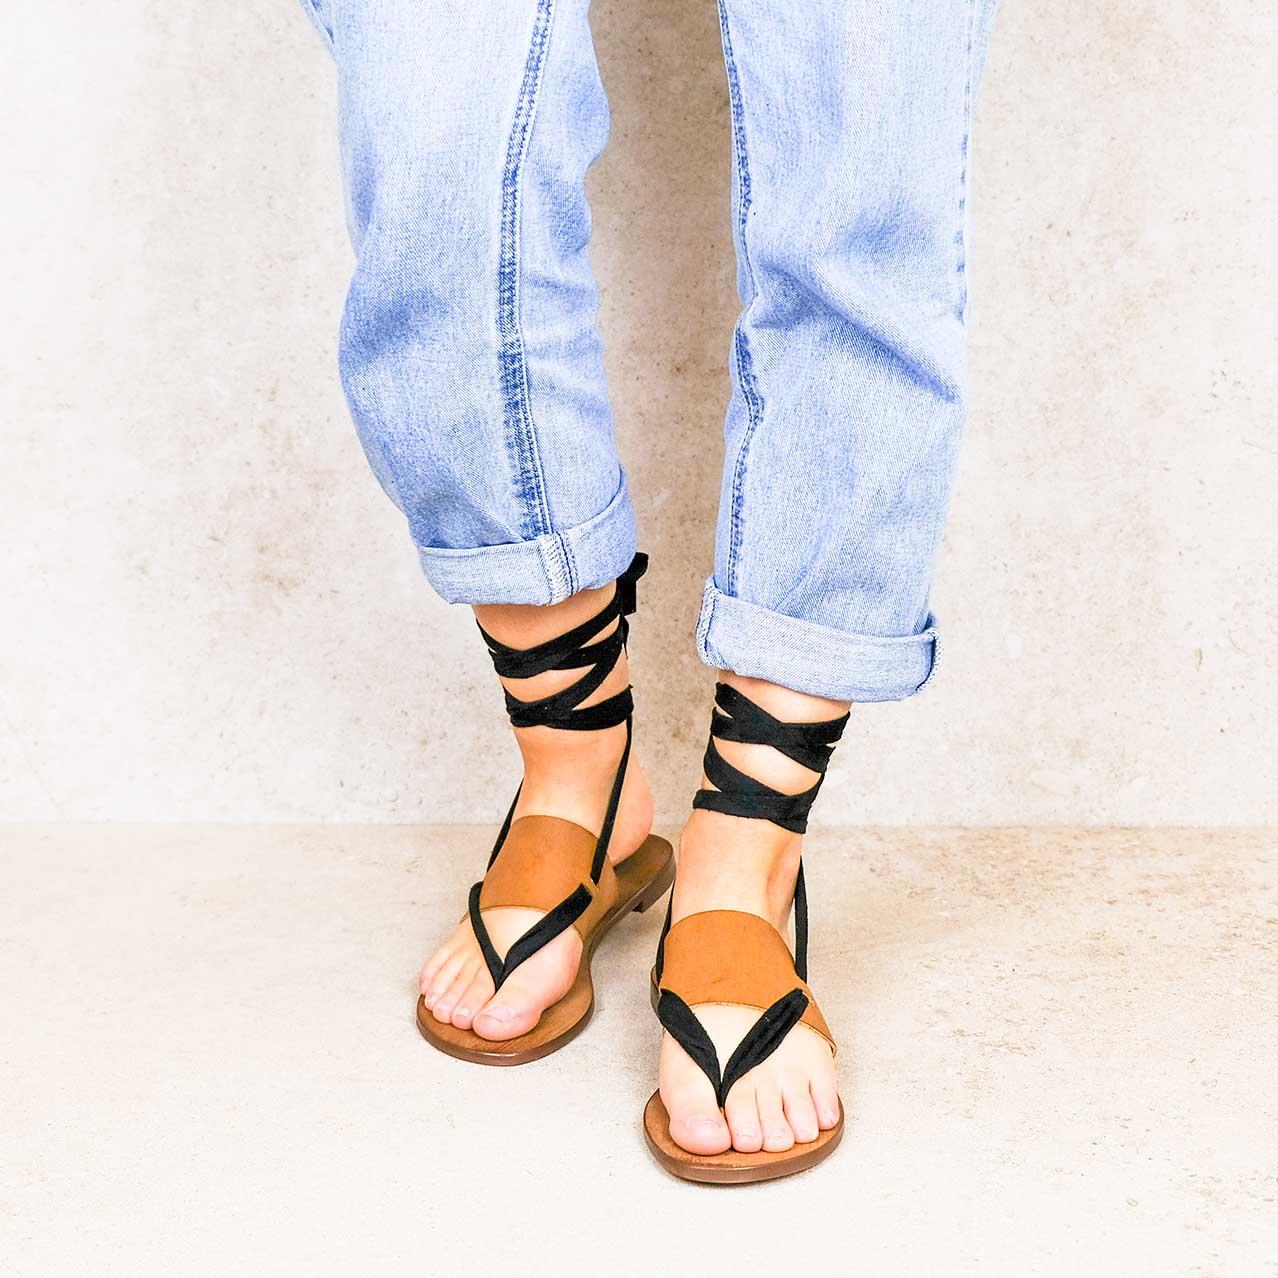 Cabo-lintsandalen sandals travelsandals vegan sustainable sandals wikkelsandalen.jpg